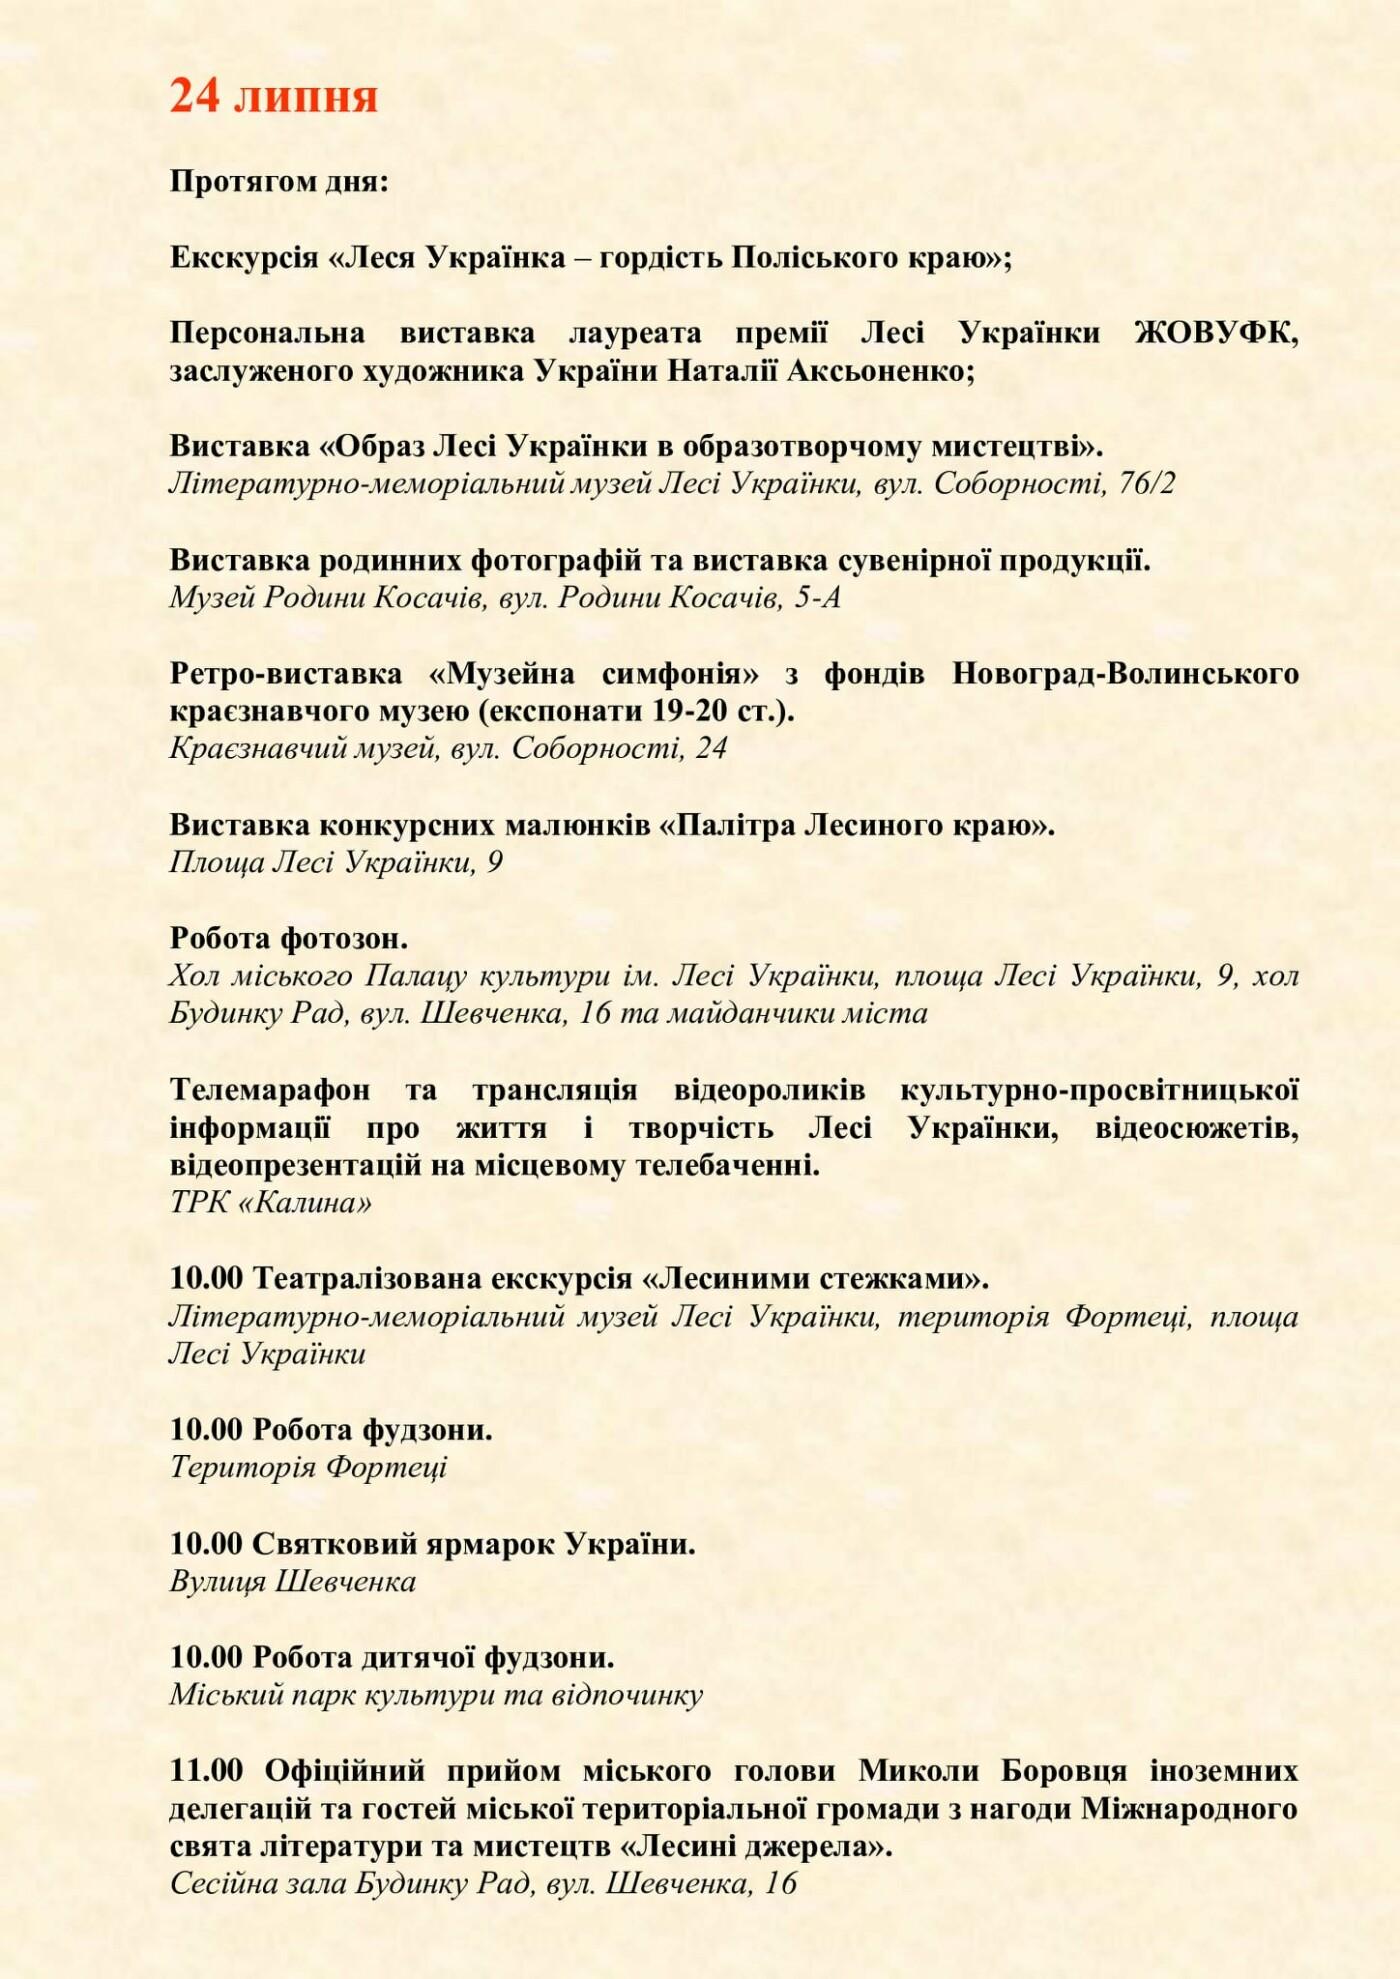 ПРОГРАМА Міжнародного свята літератури і мистецтв «Лесині джерела», присвяченого 150-річчю від дня народження Лесі Українки